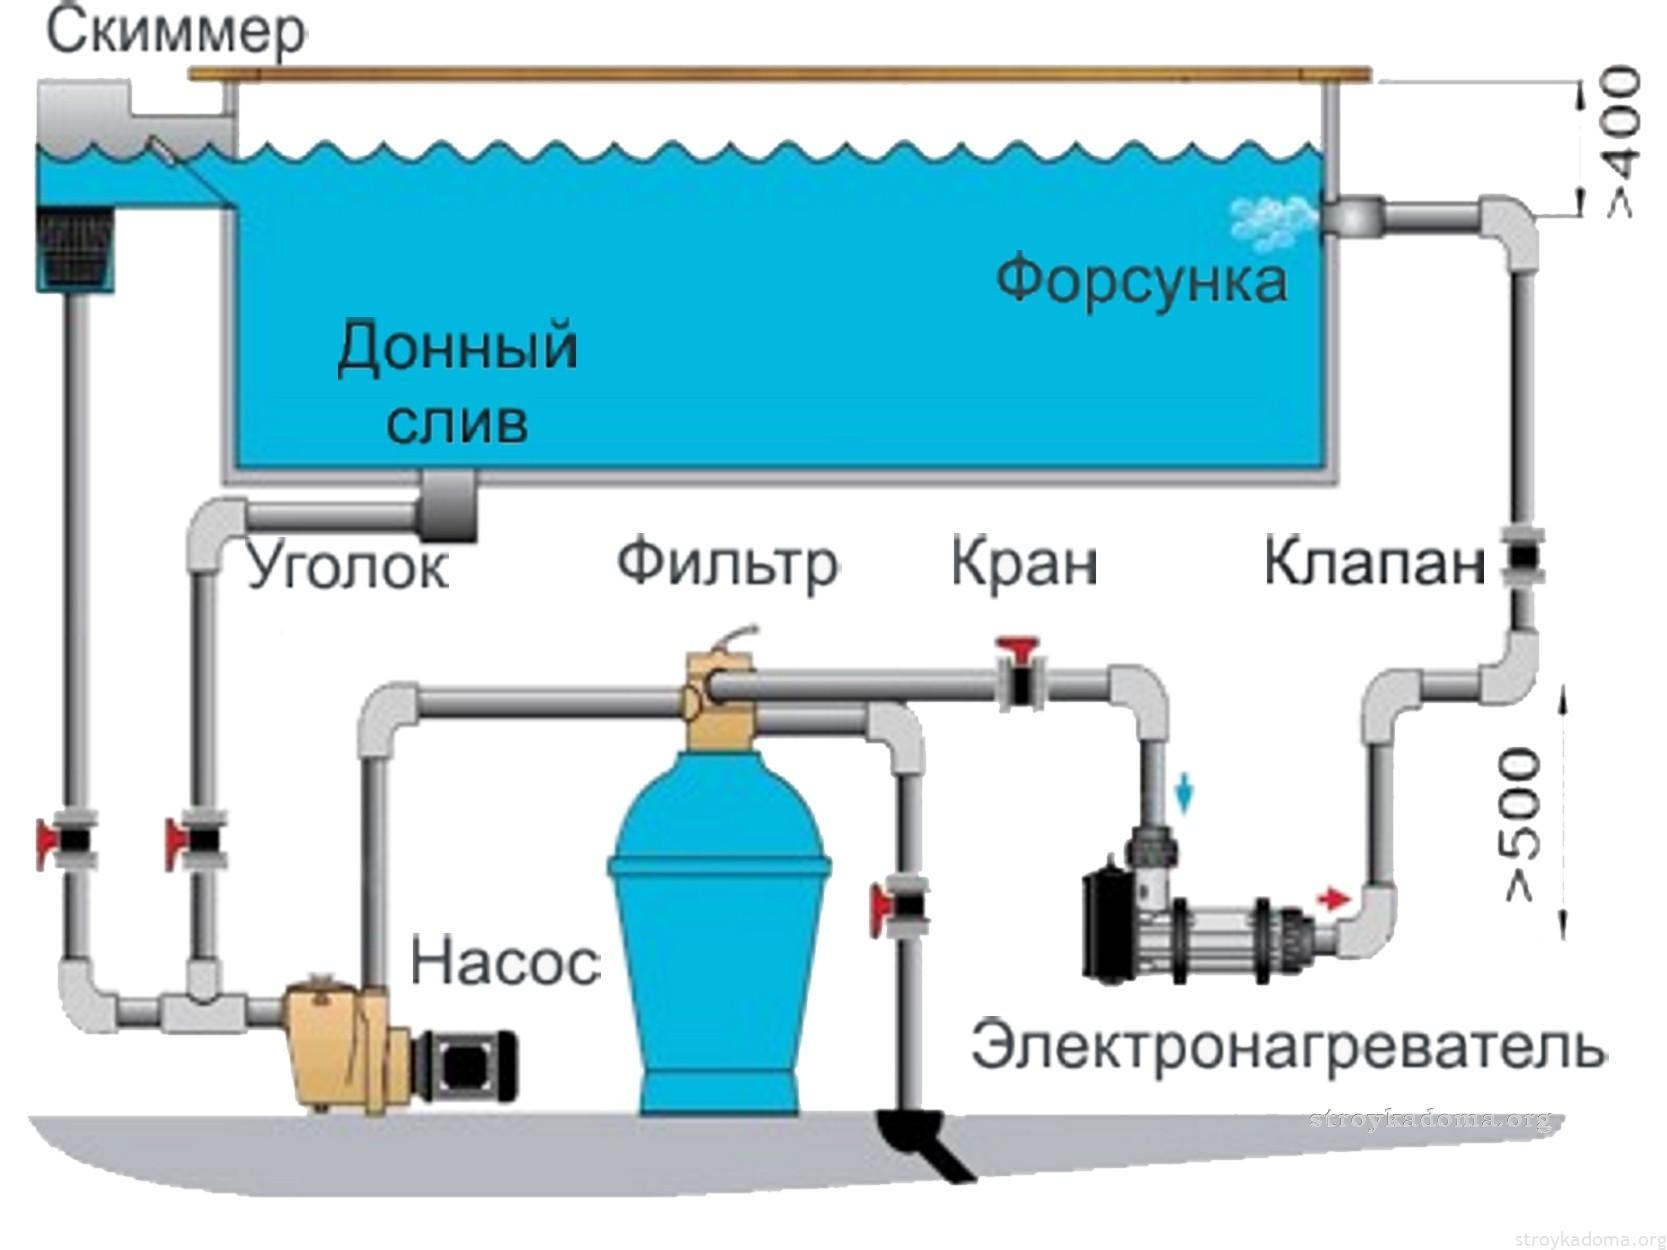 Схема работы скимера